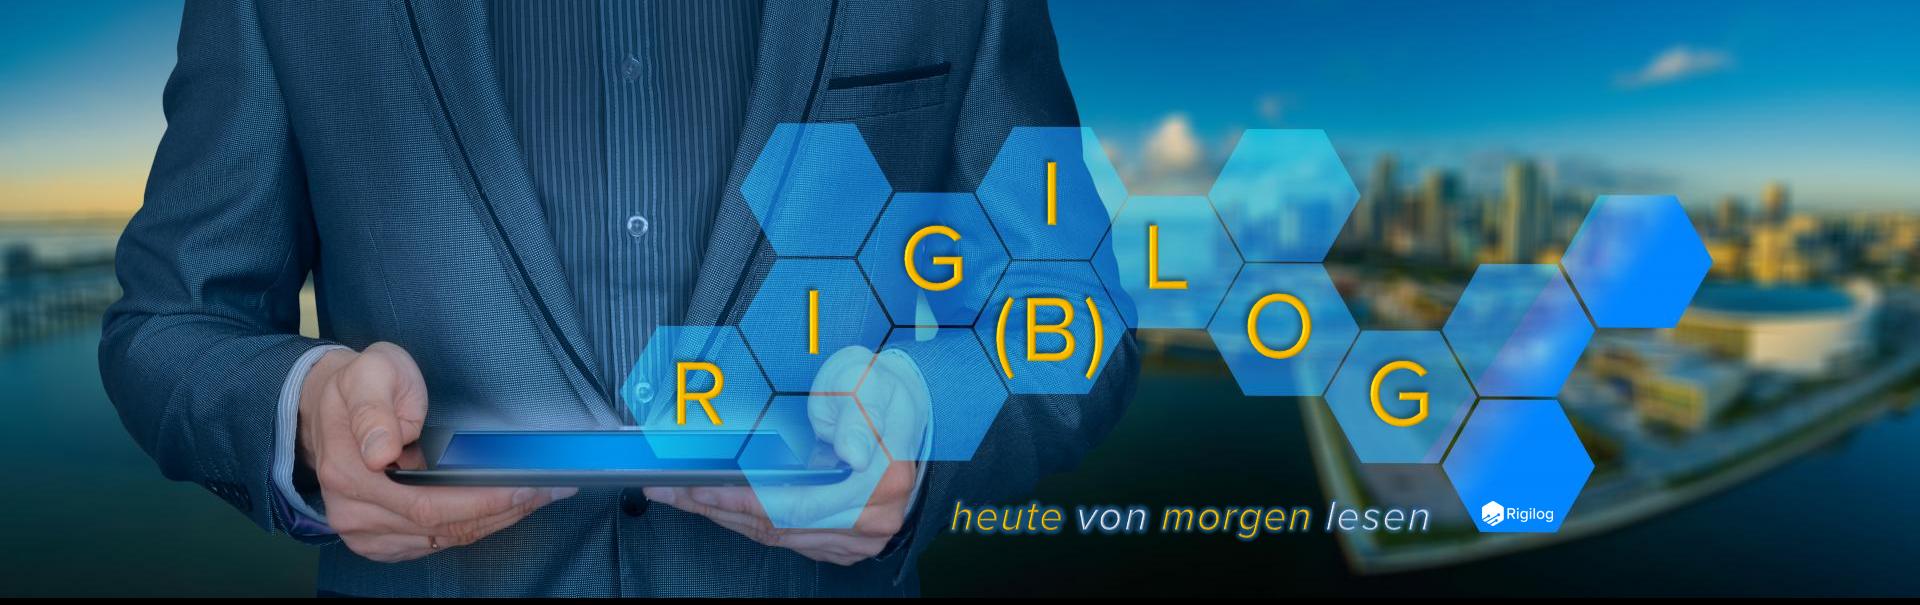 Rigi(B)log - heute von morgen lesen